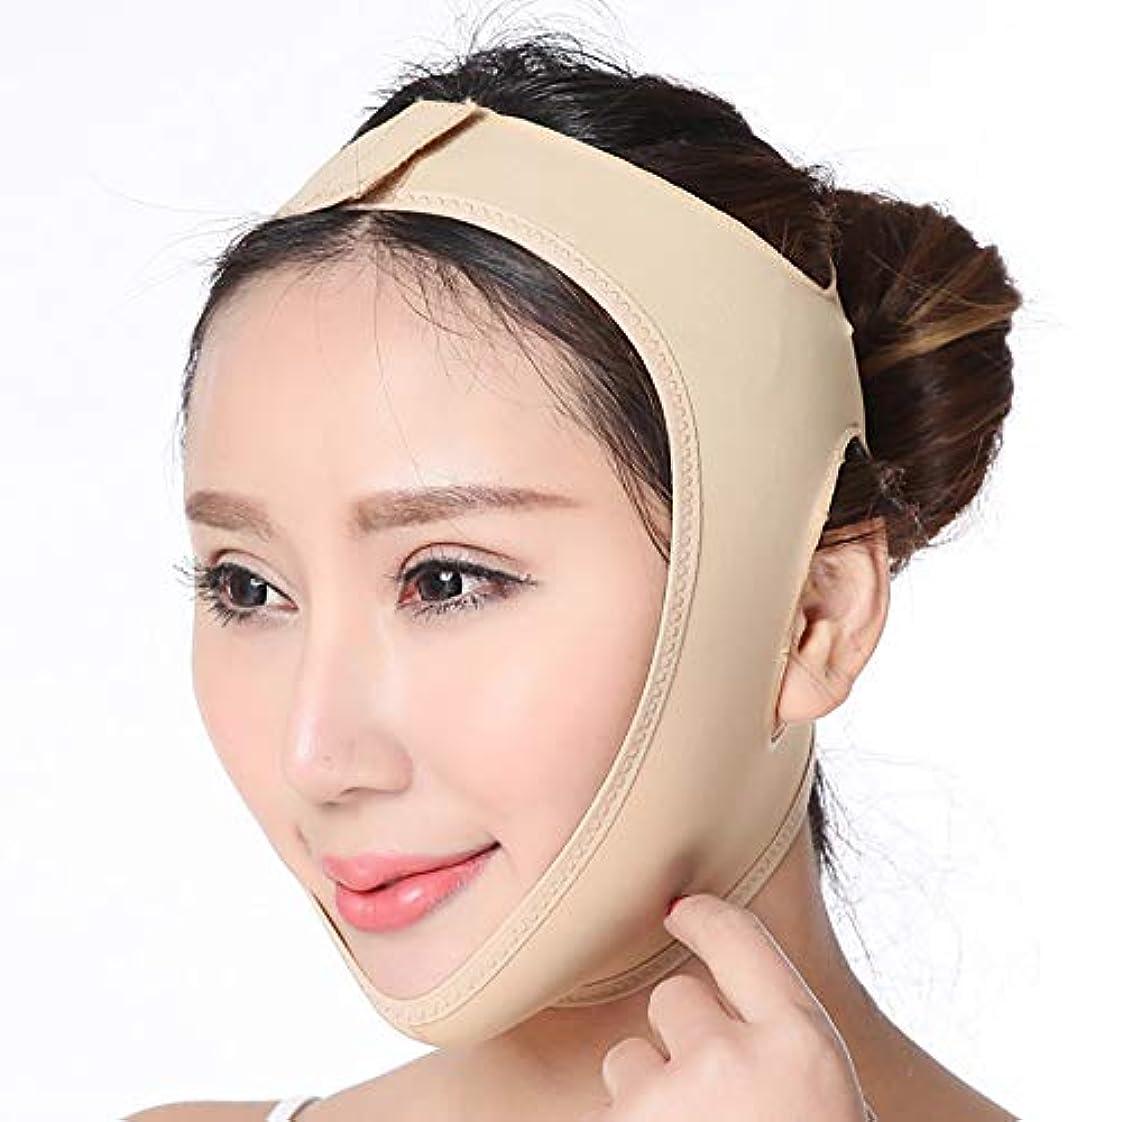 見る人対応する広げるフェイスリフティング器具、顔の引き締めとたるみ、二重あごの減少、男性と女性のフェイスマスク、肌色S/M/L/XL